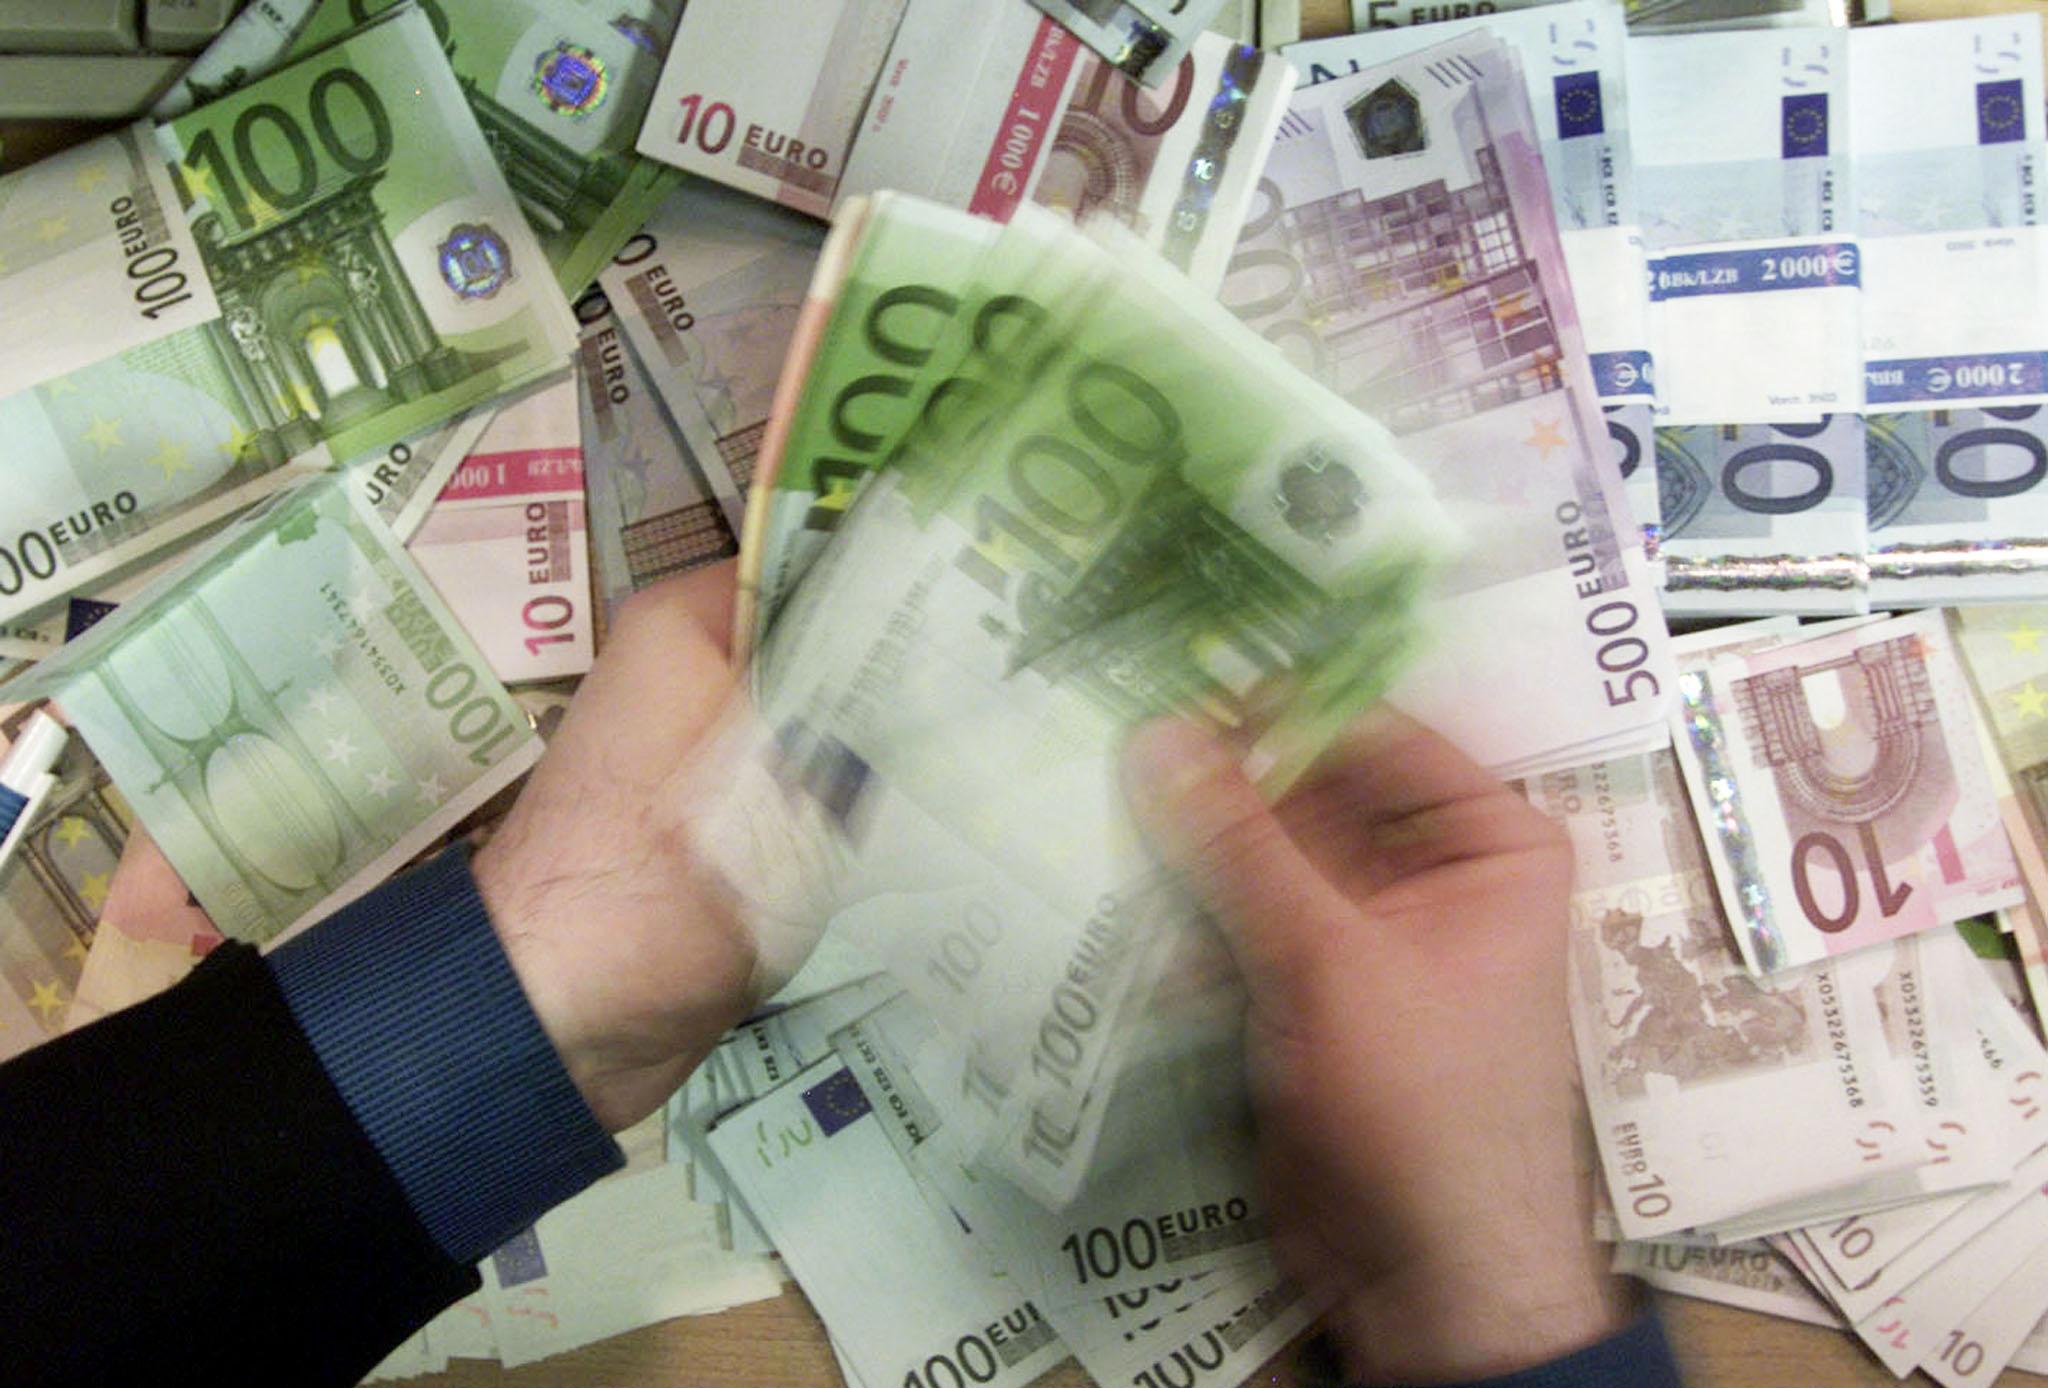 billets-de-banque-100-euros-monnaie-argent-fortune